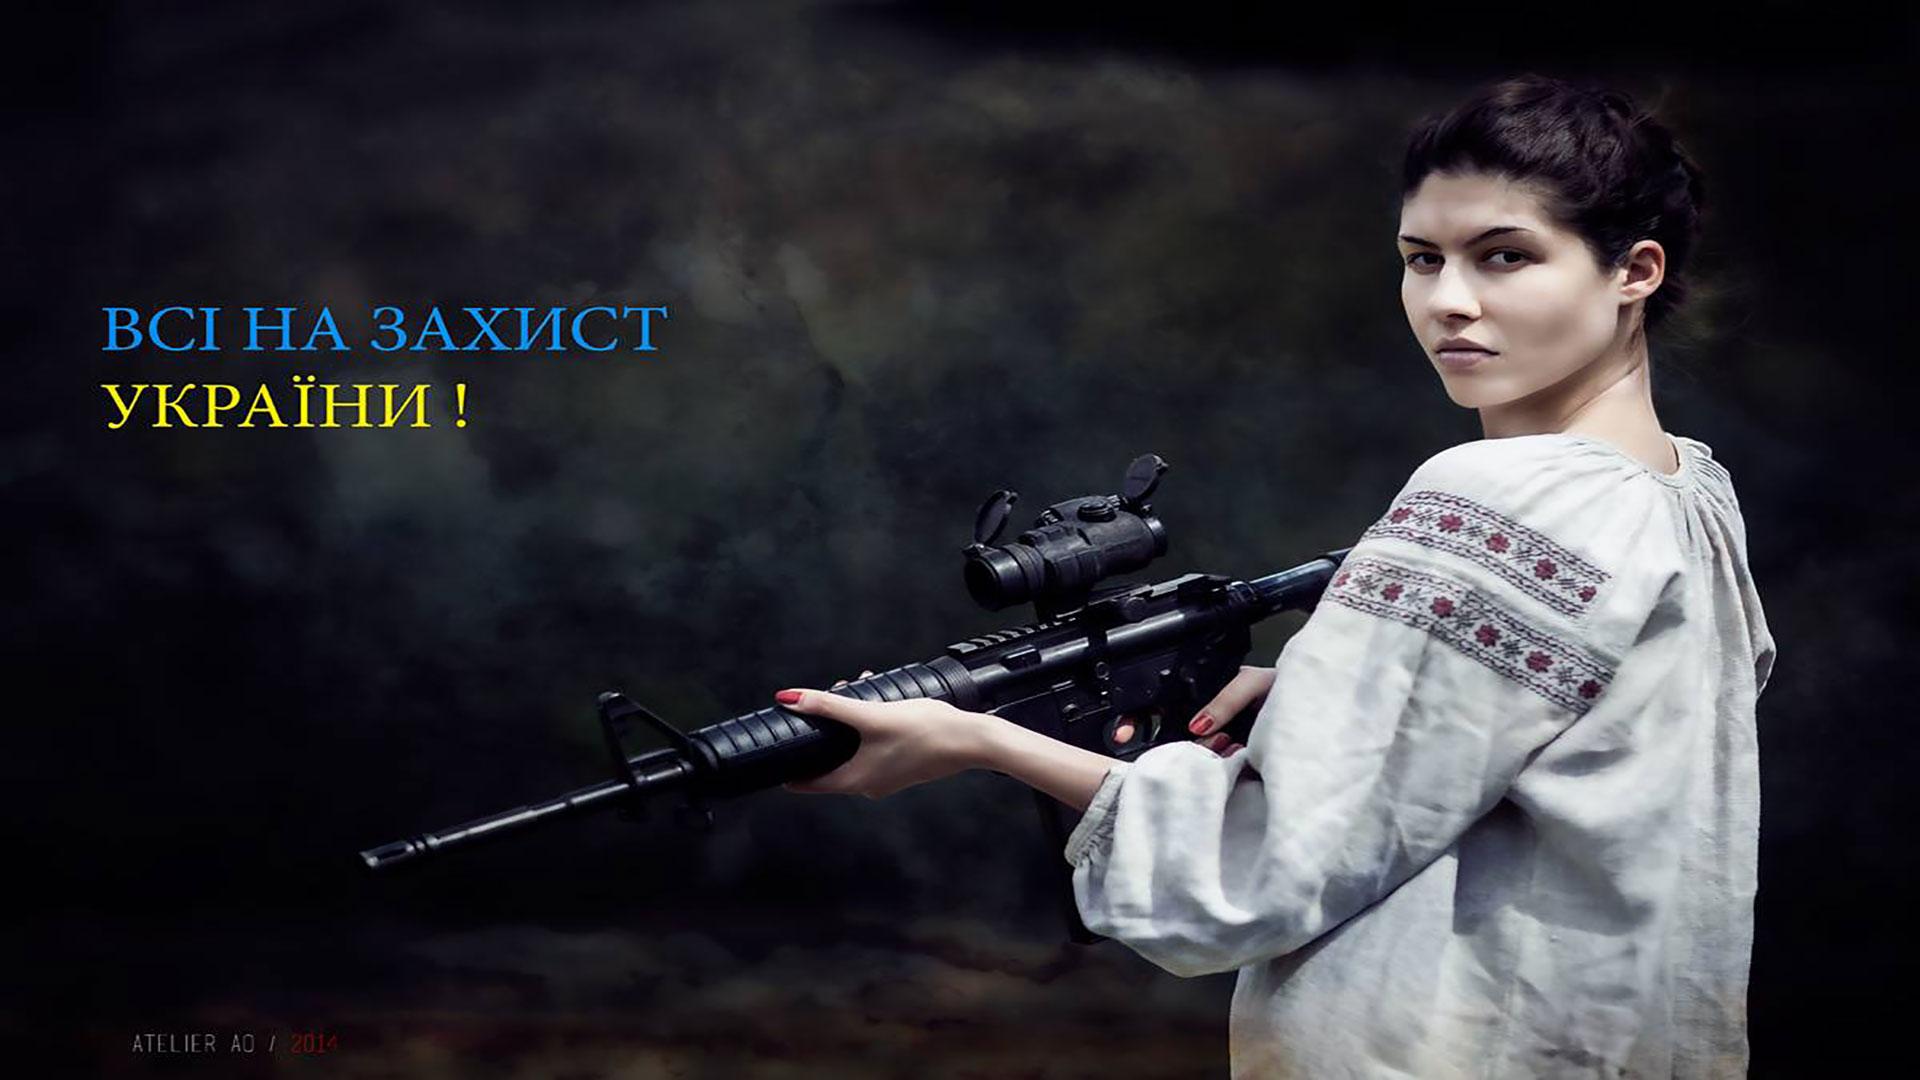 патріотичні картинки про україну на робочий стіл